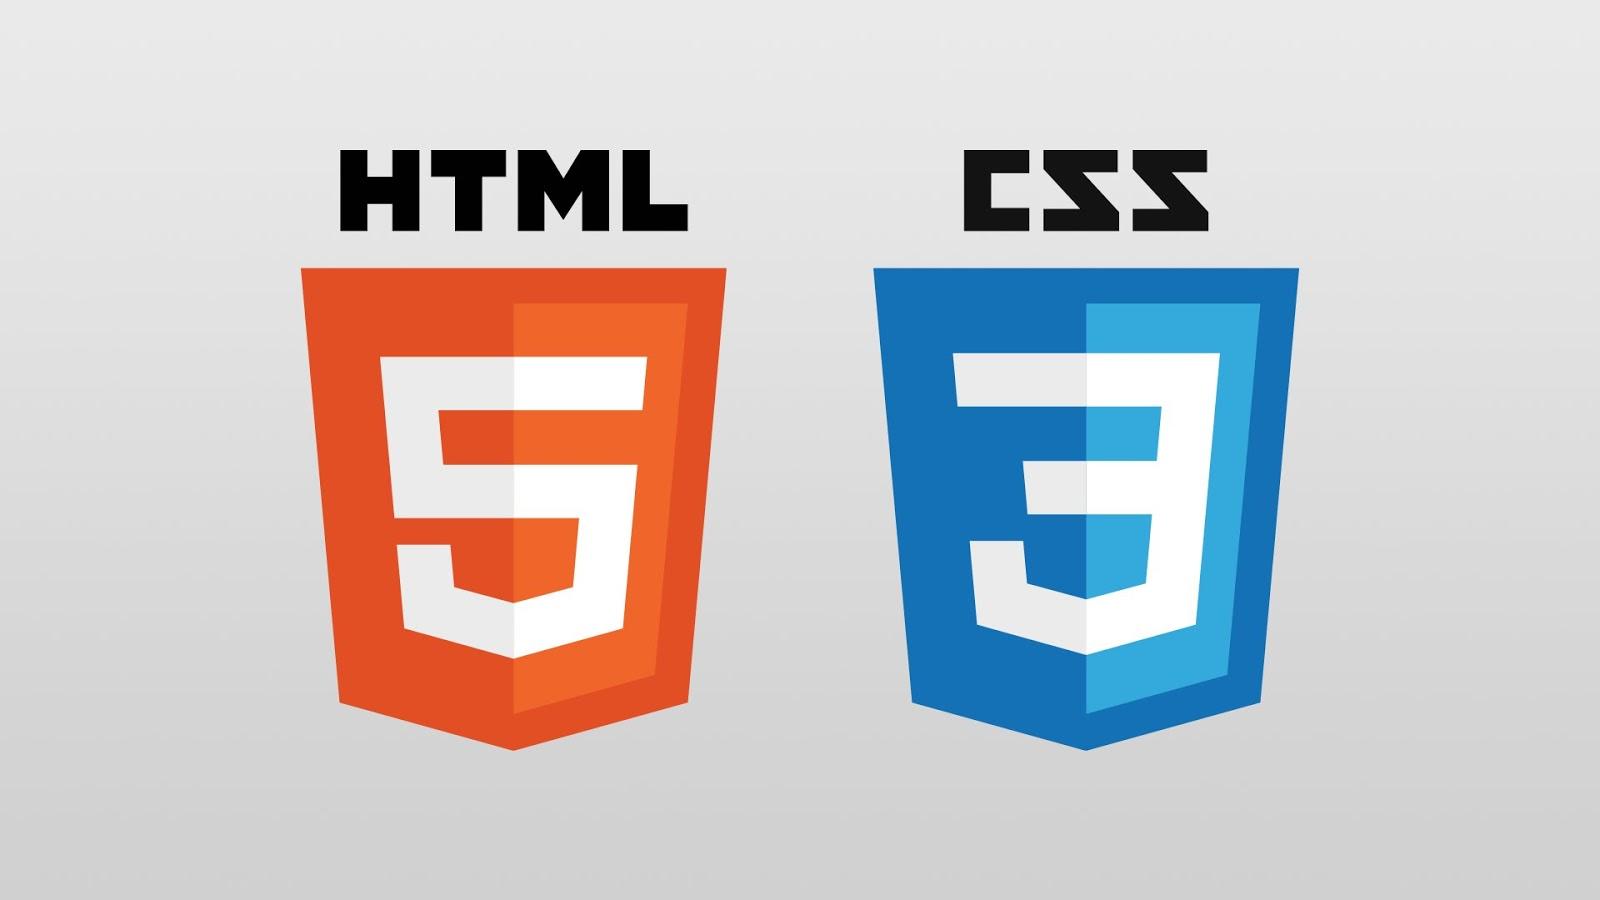 فێری CSS به زمانی شیرینی كوردی! 68وانهی فێركاری